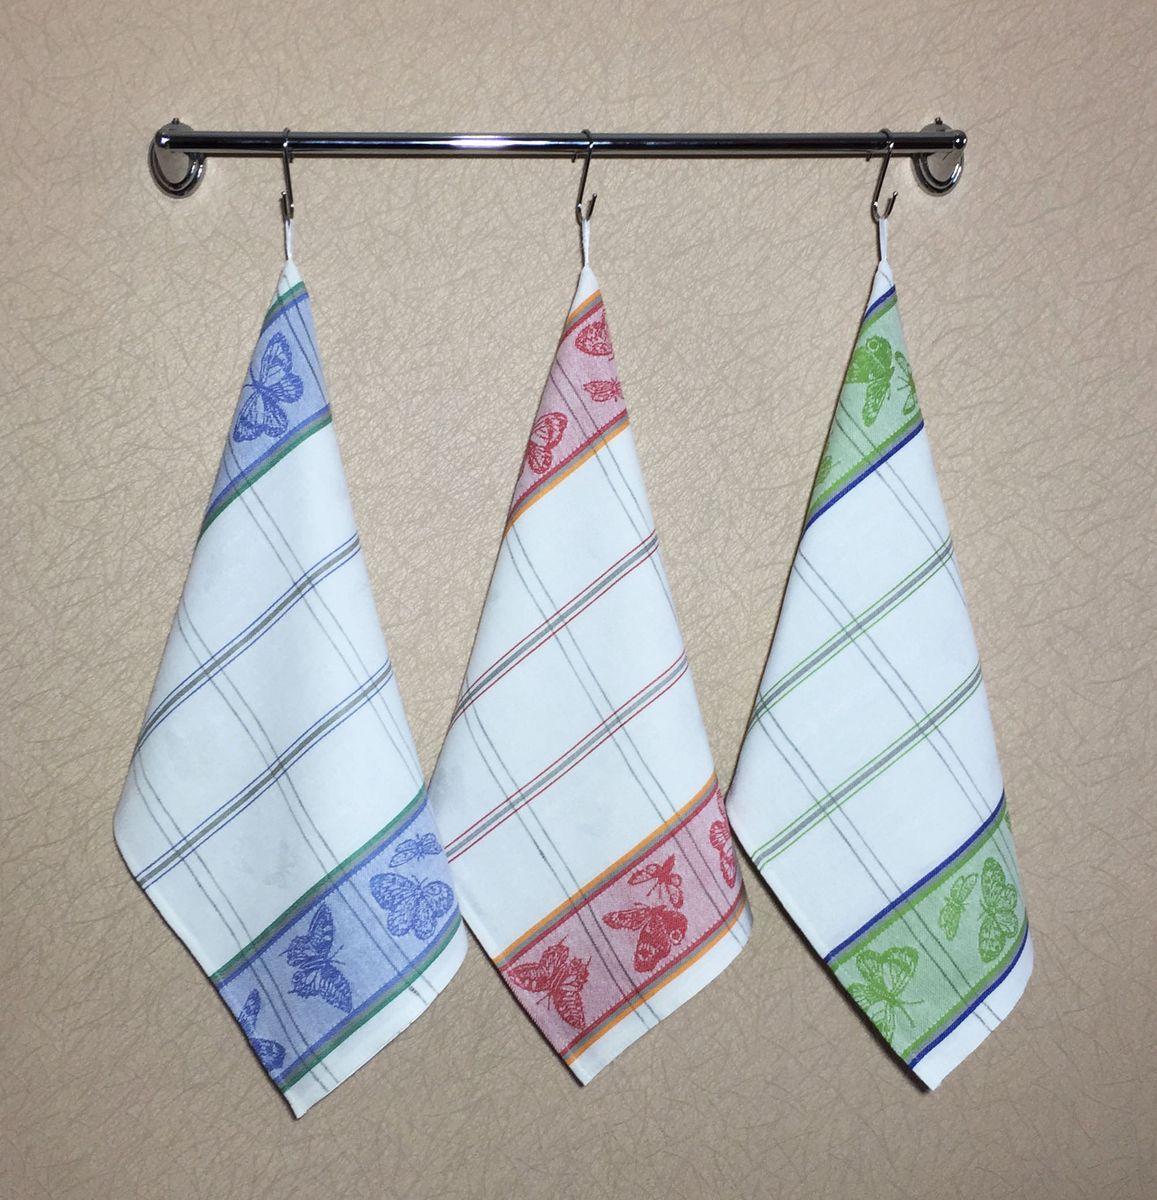 Комплект полотенец 50*70см, 3 шт., 100% лён (Бабочки)